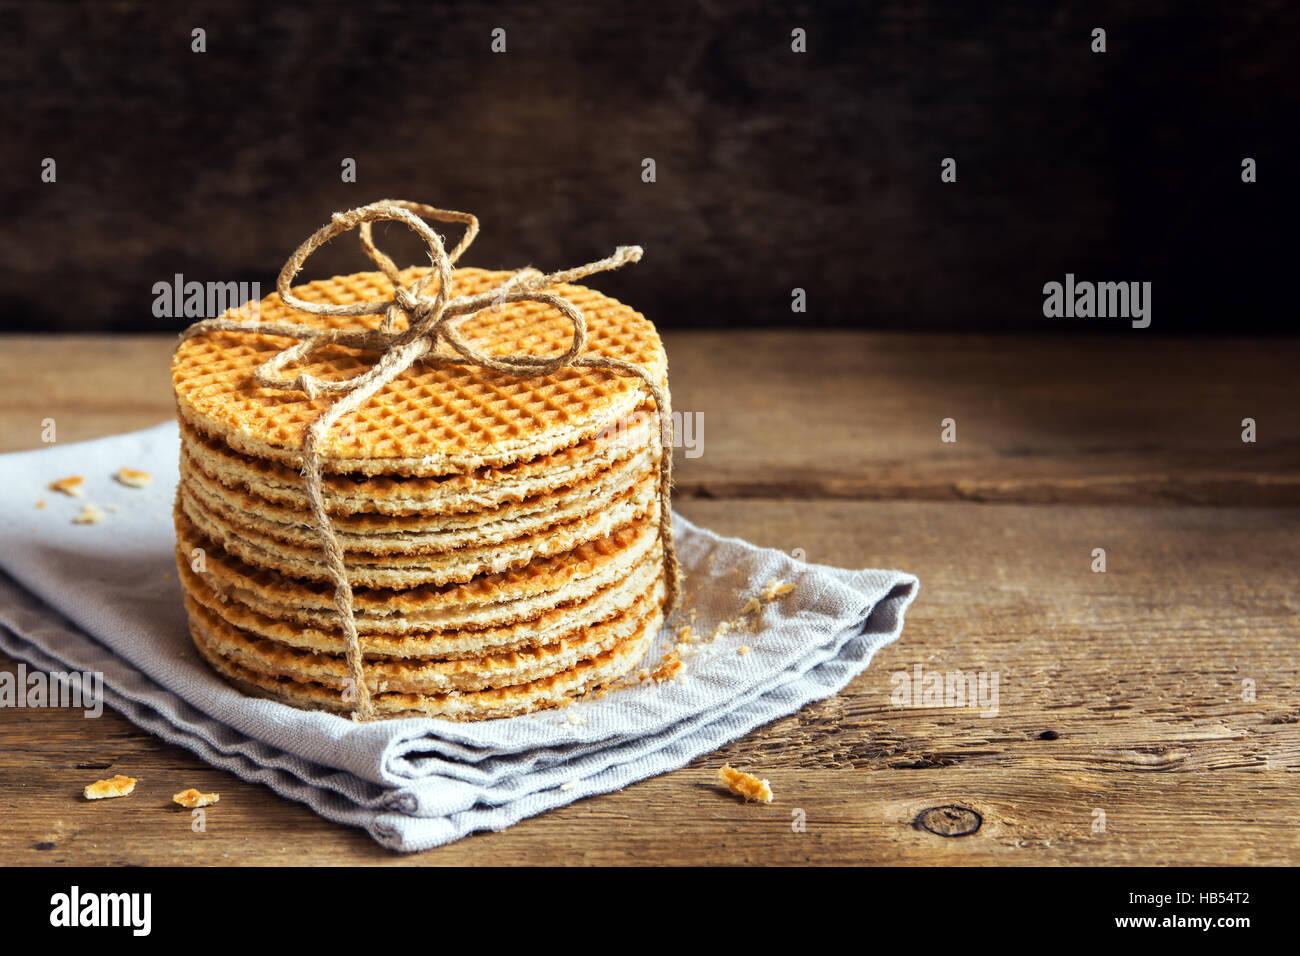 Pile de gaufres caramel traditionnel néerlandais attachés avec de la ficelle de jute sur fond de bois Photo Stock